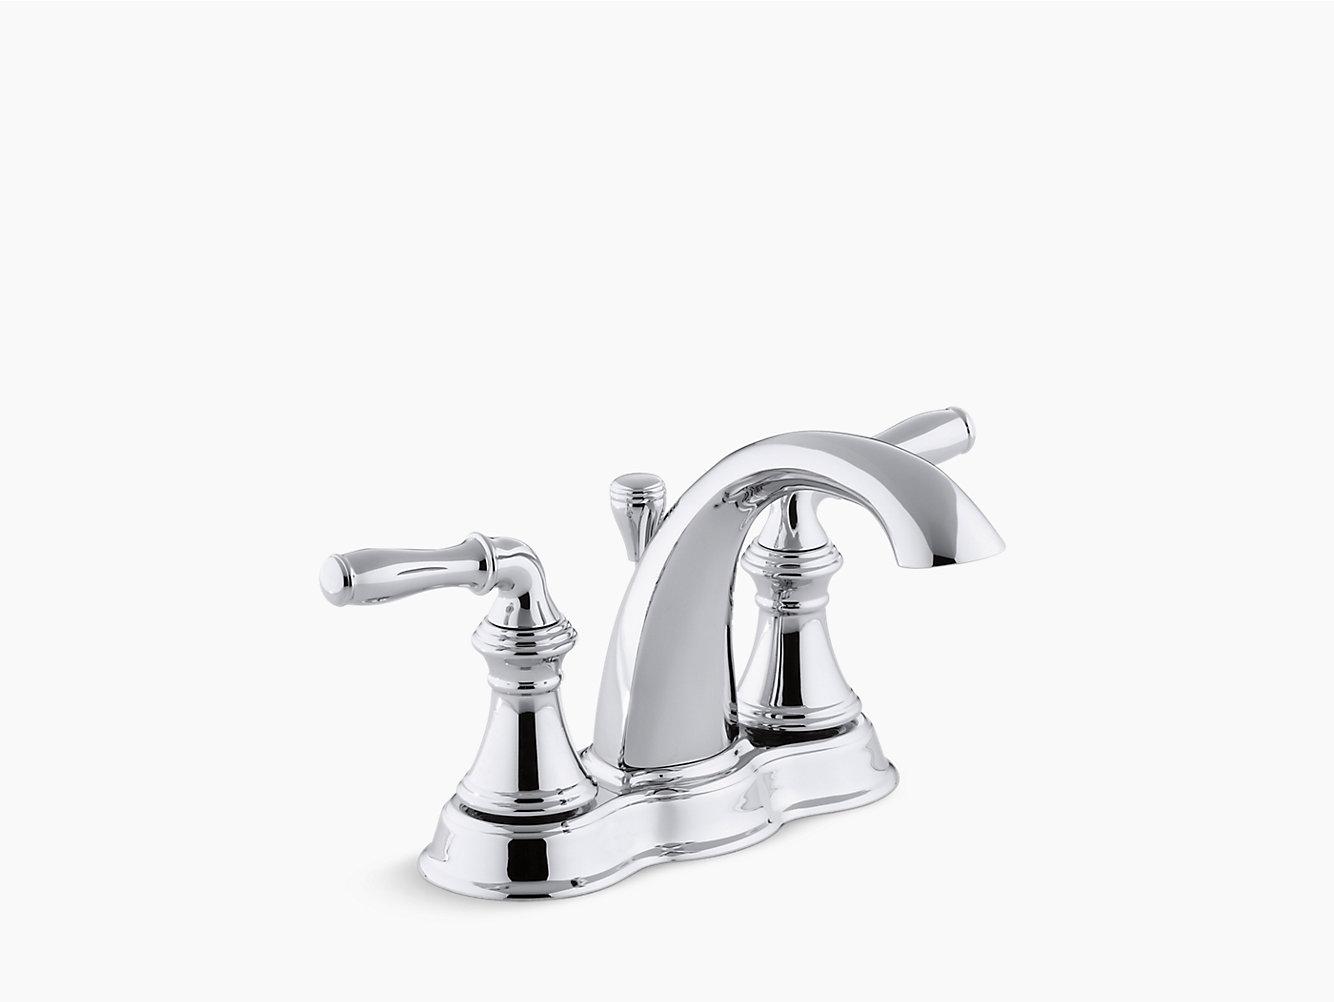 Devonshire Centerset Bathroom Sink Faucet | K-393-N4 | KOHLER